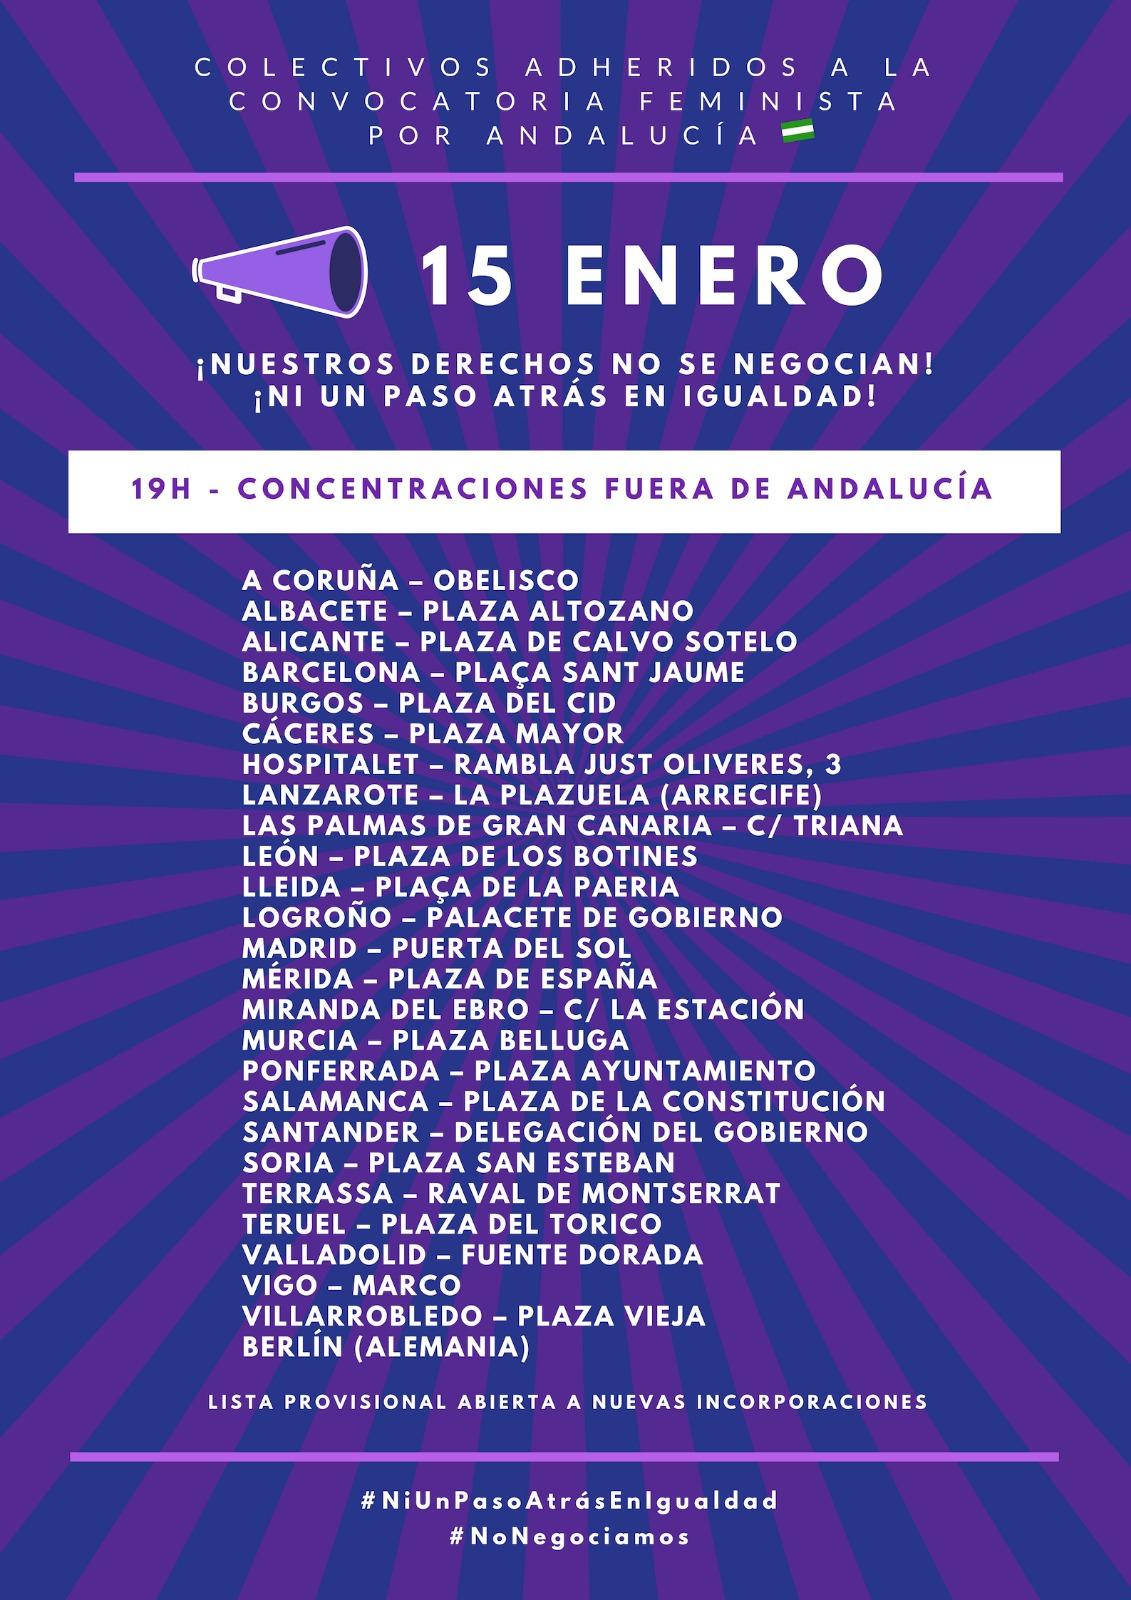 Cartel con concentraciones feministas 15 de enero fuera de Andalucía